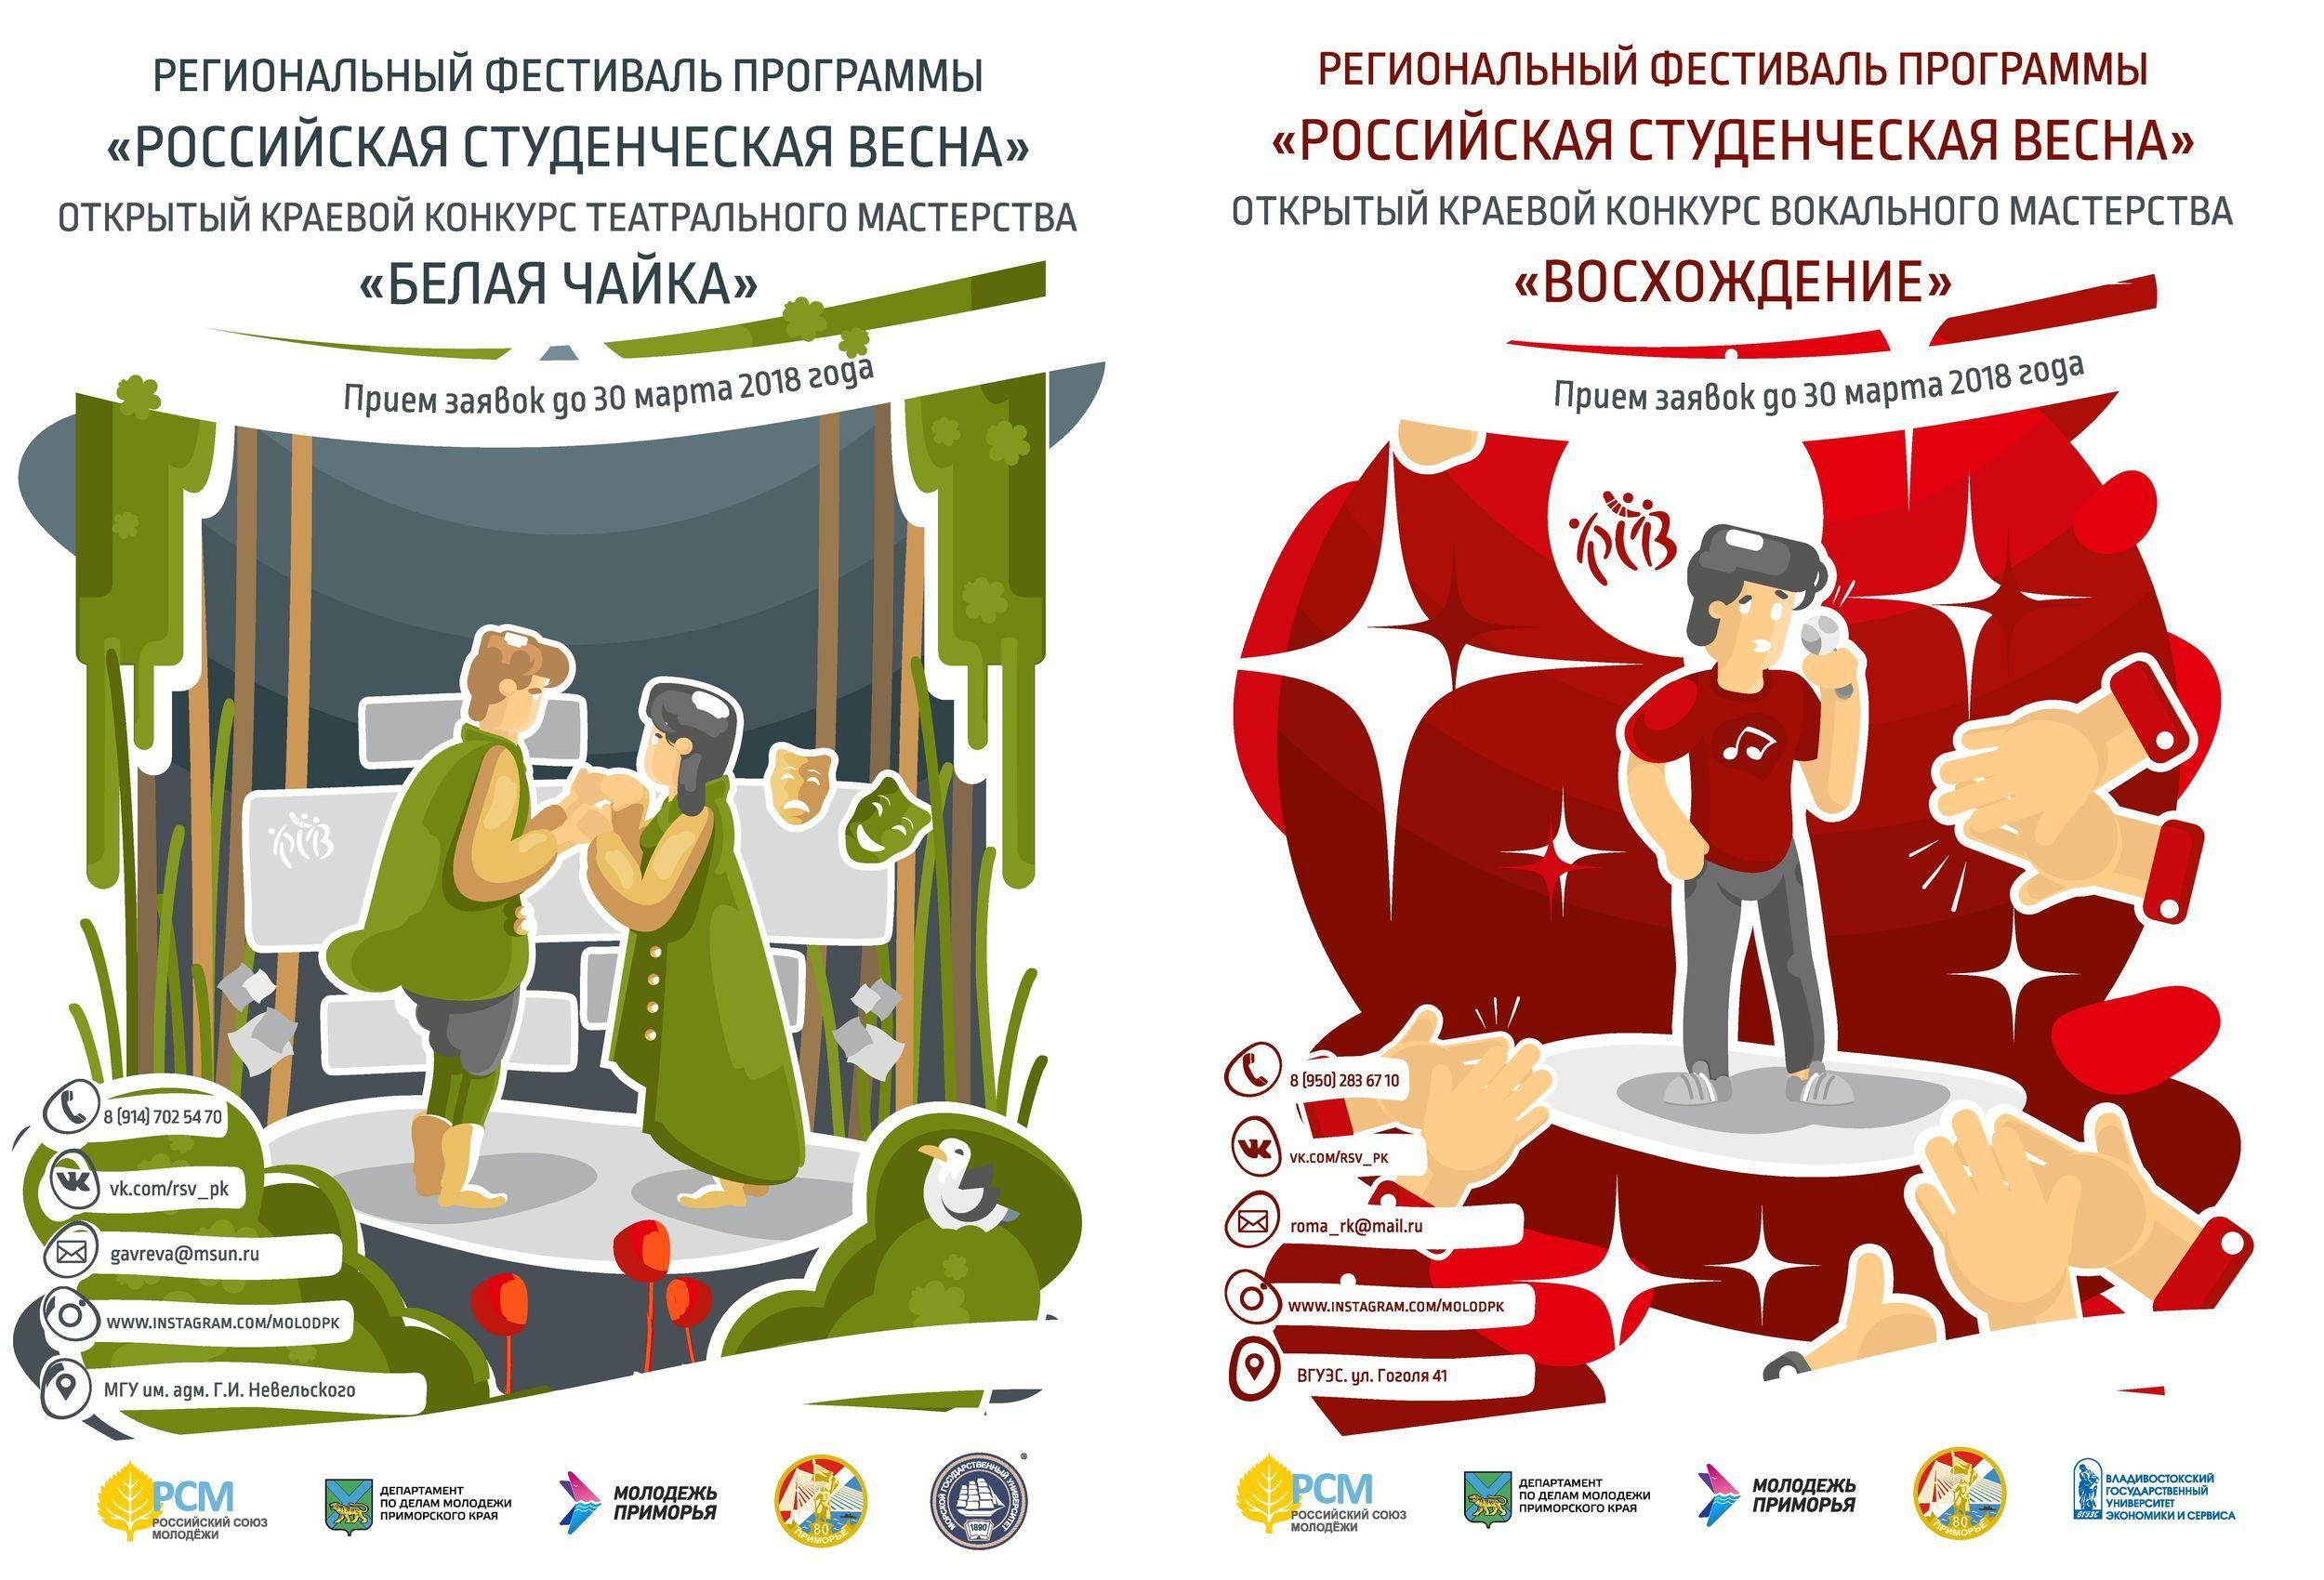 Региональный фестиваль «Российская студенческая весна»